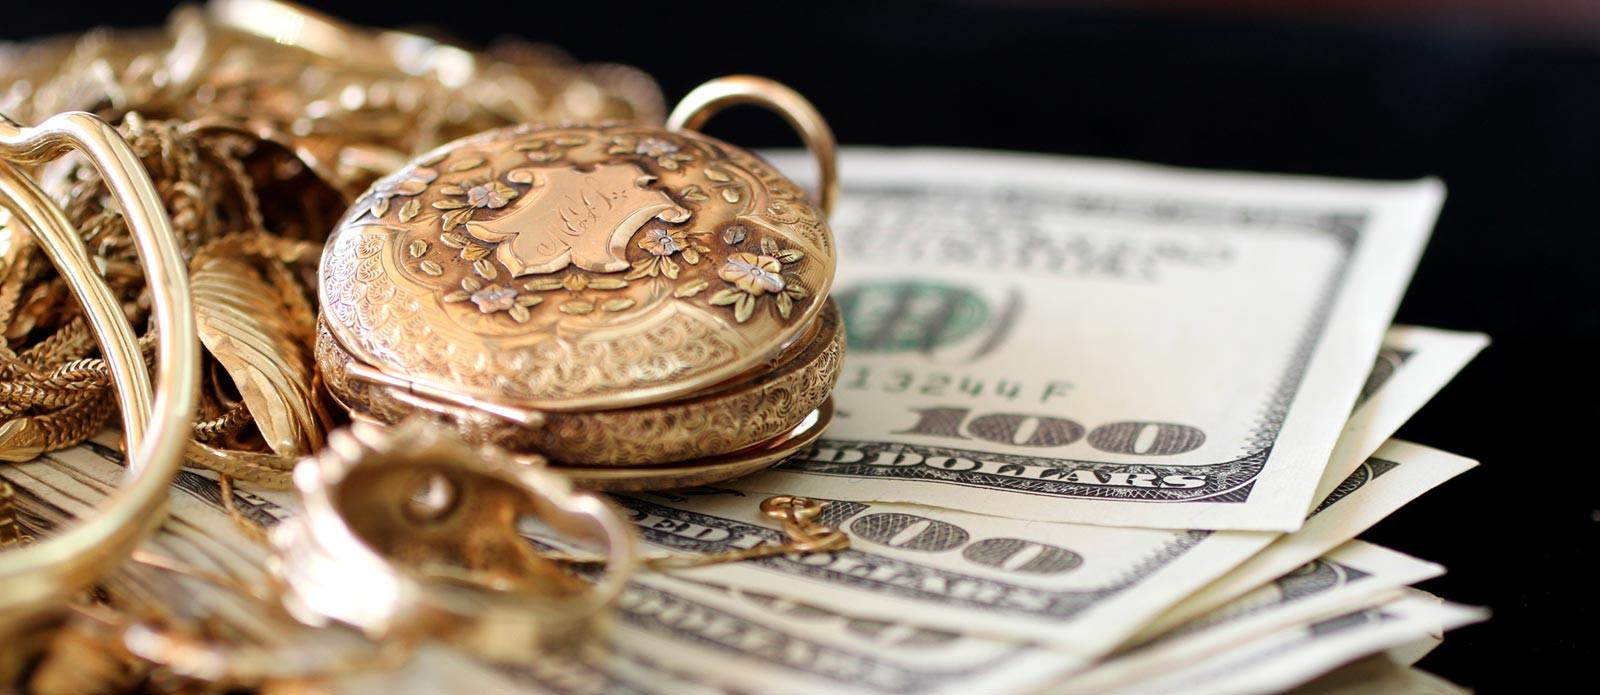 Деньги и драгоценности на хранение